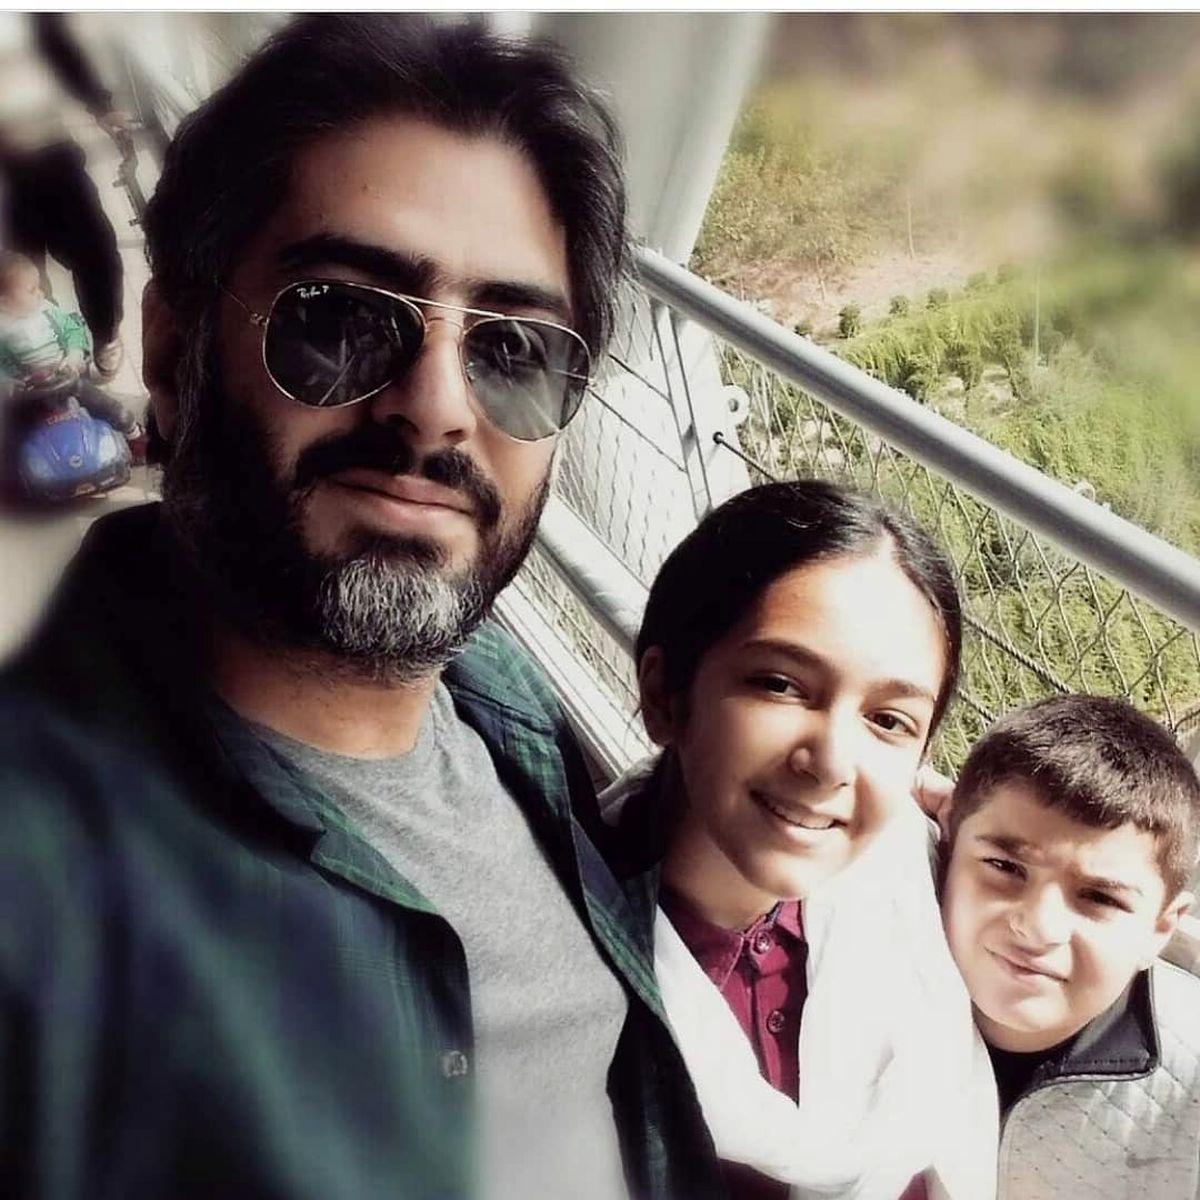 همسر ساره بیات در کنار فرزندانش! + عکس